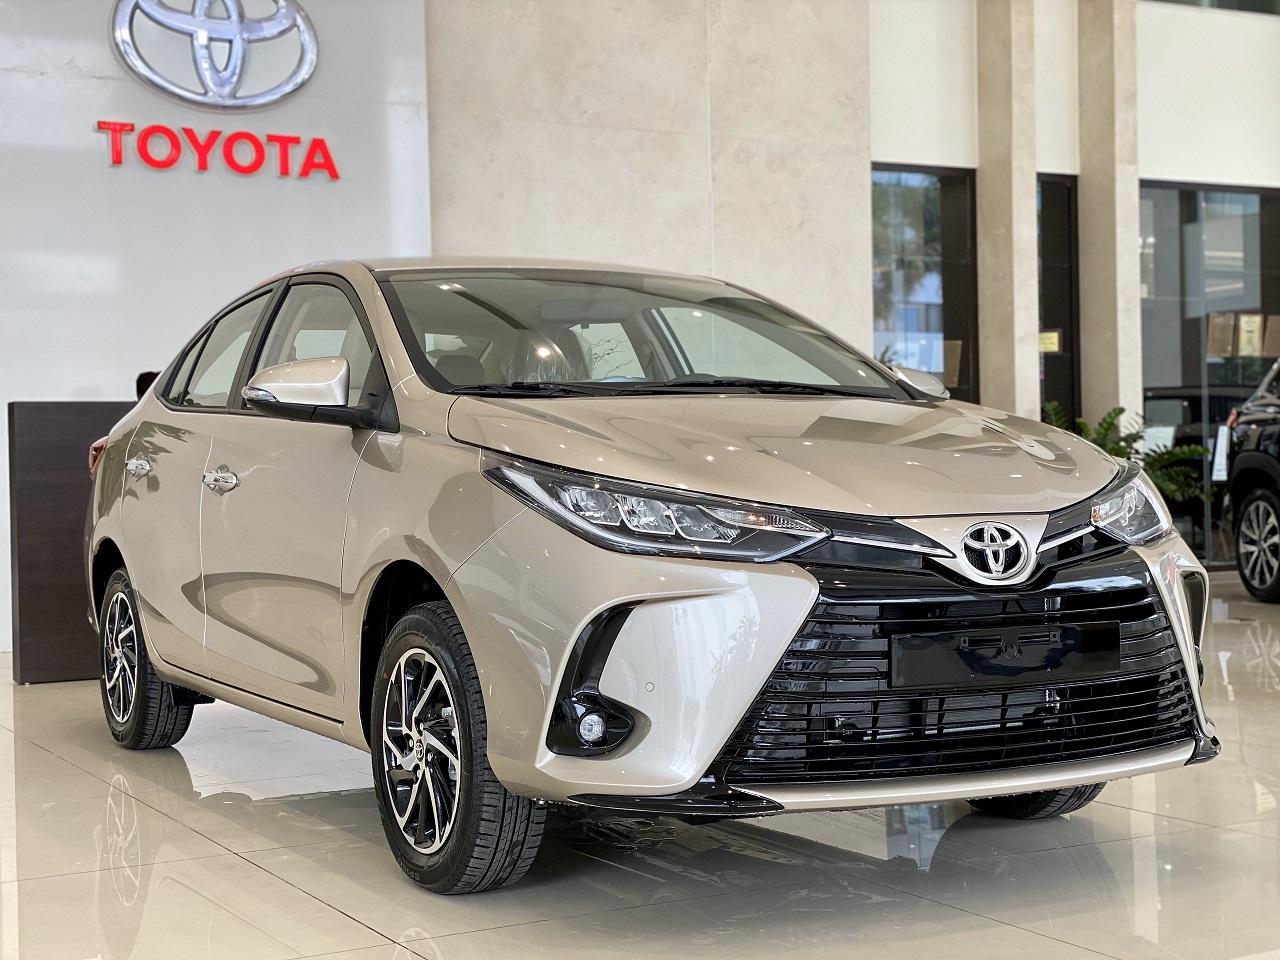 Toyota Vios giảm sâu kỷ lục, nỗ lực giành lại vị thế 'xe quốc dân' với mức giá dưới 500 triệu 1